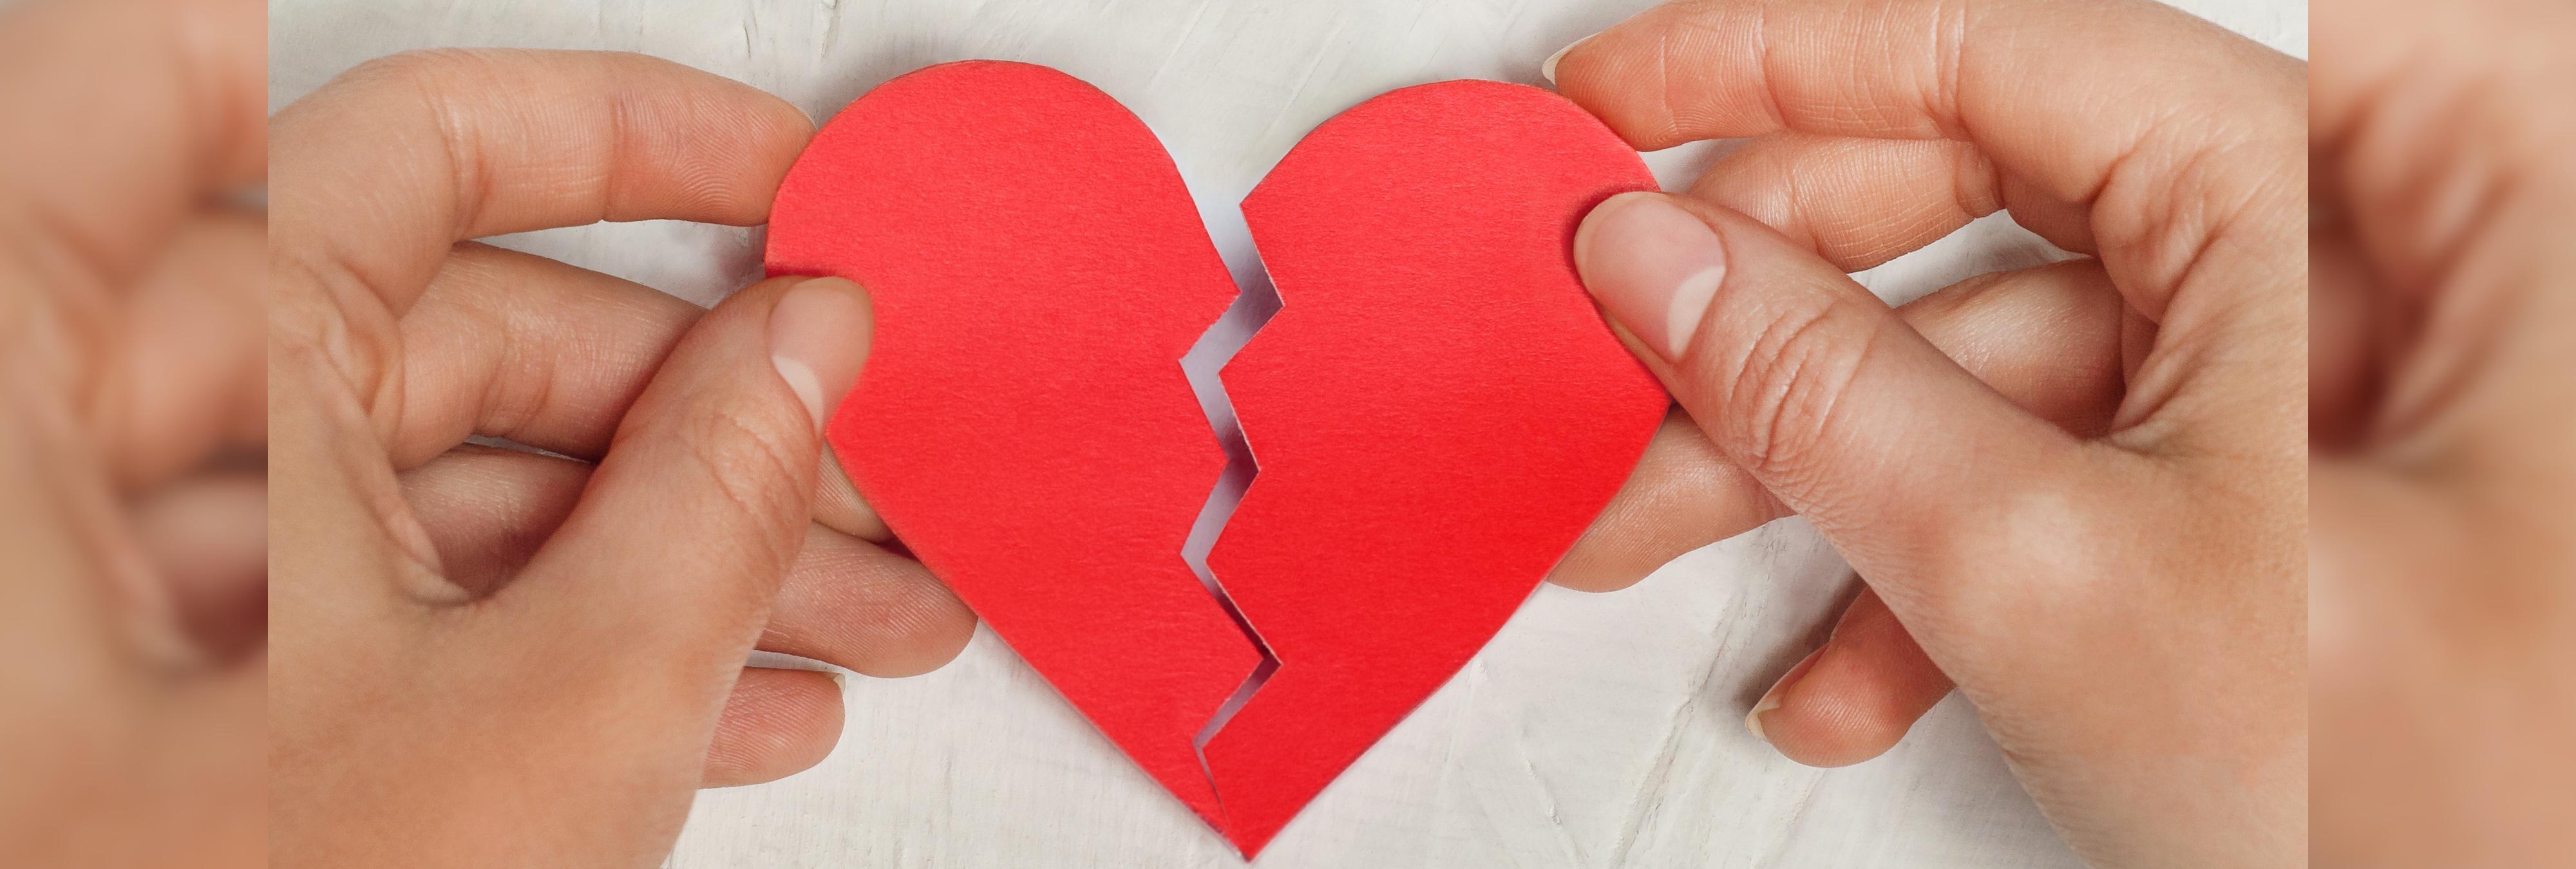 ¿Sufres mal de amores? La ciencia te puede ayudar